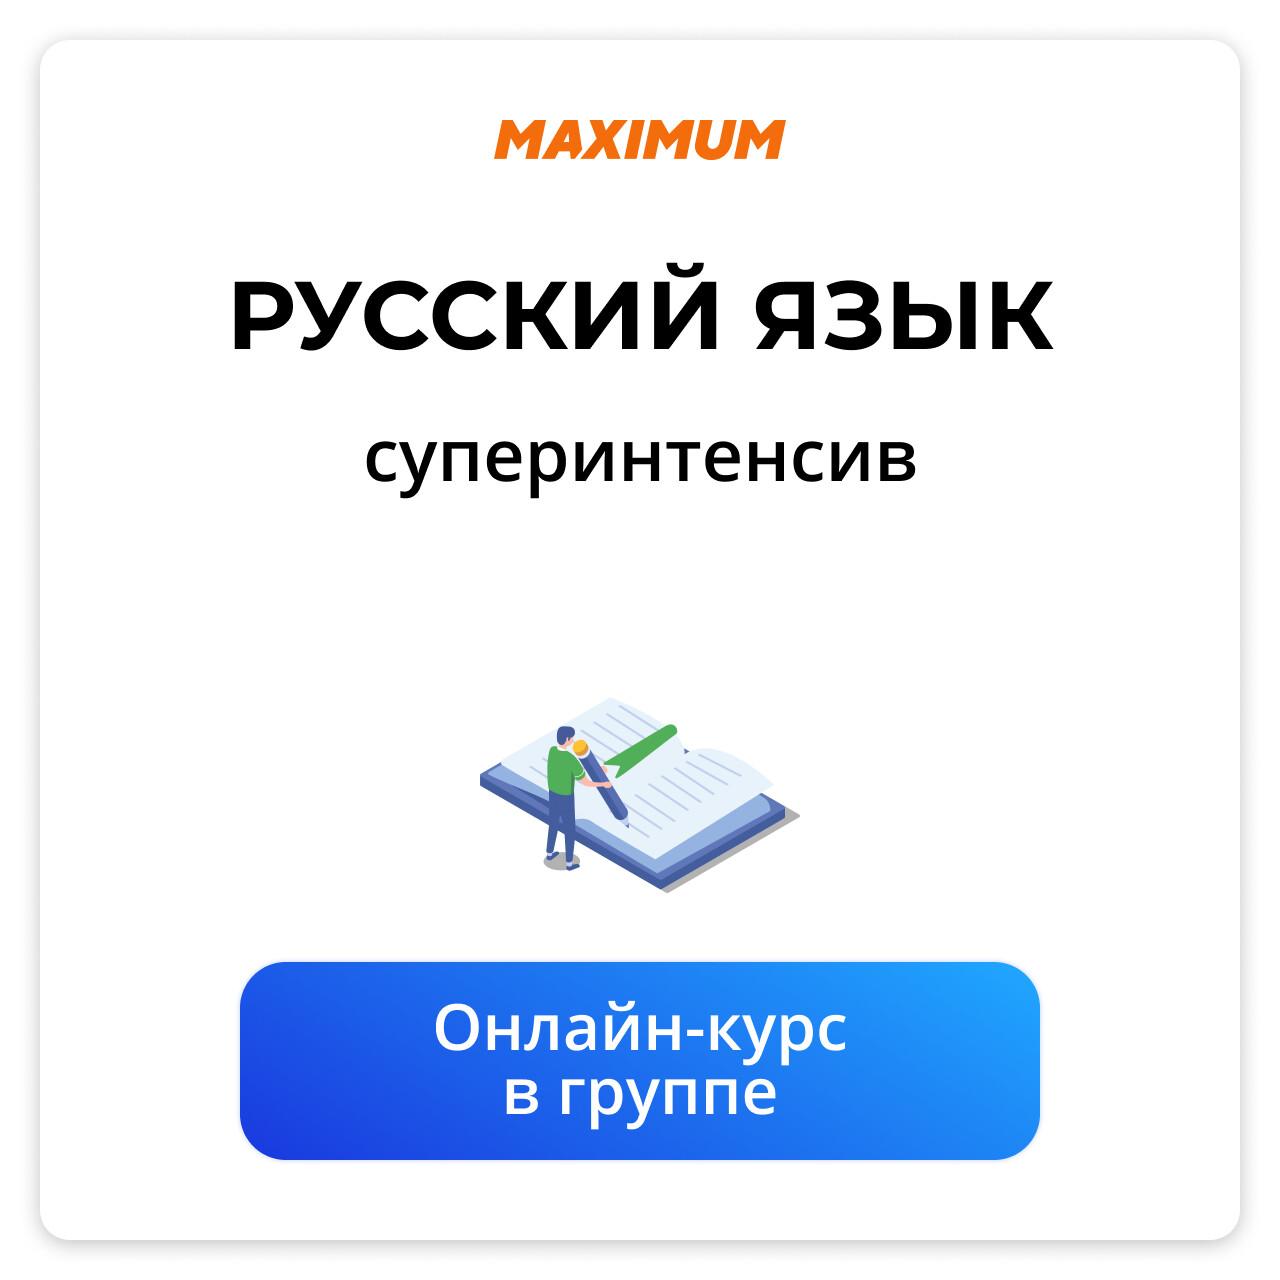 Русский язык ЕГЭ